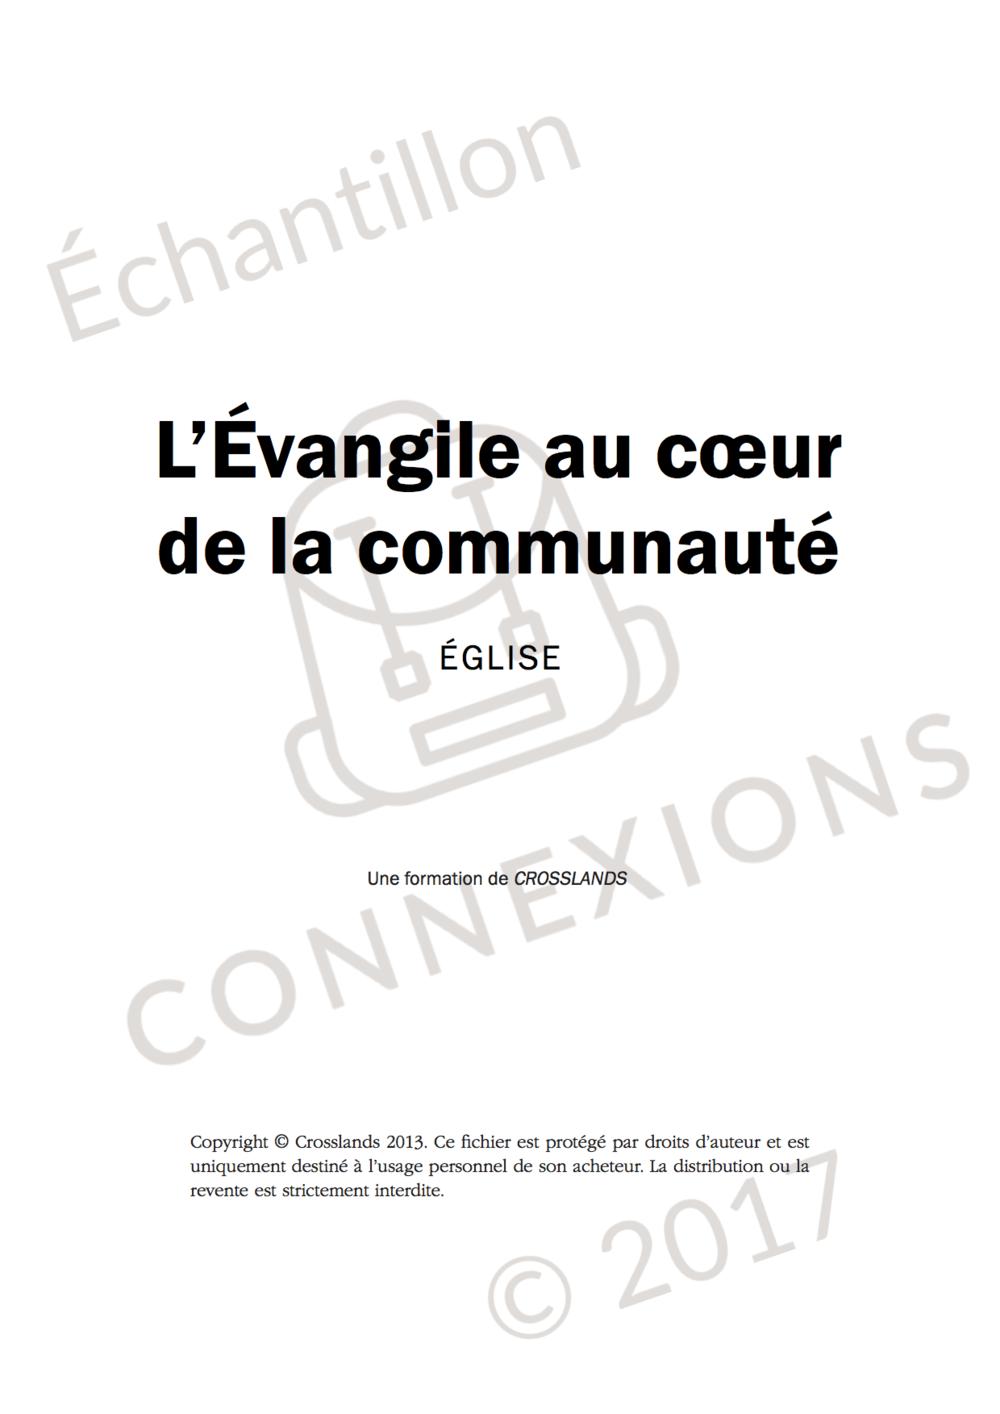 L'Évangile au cœur de la communauté_sample_published.2.png